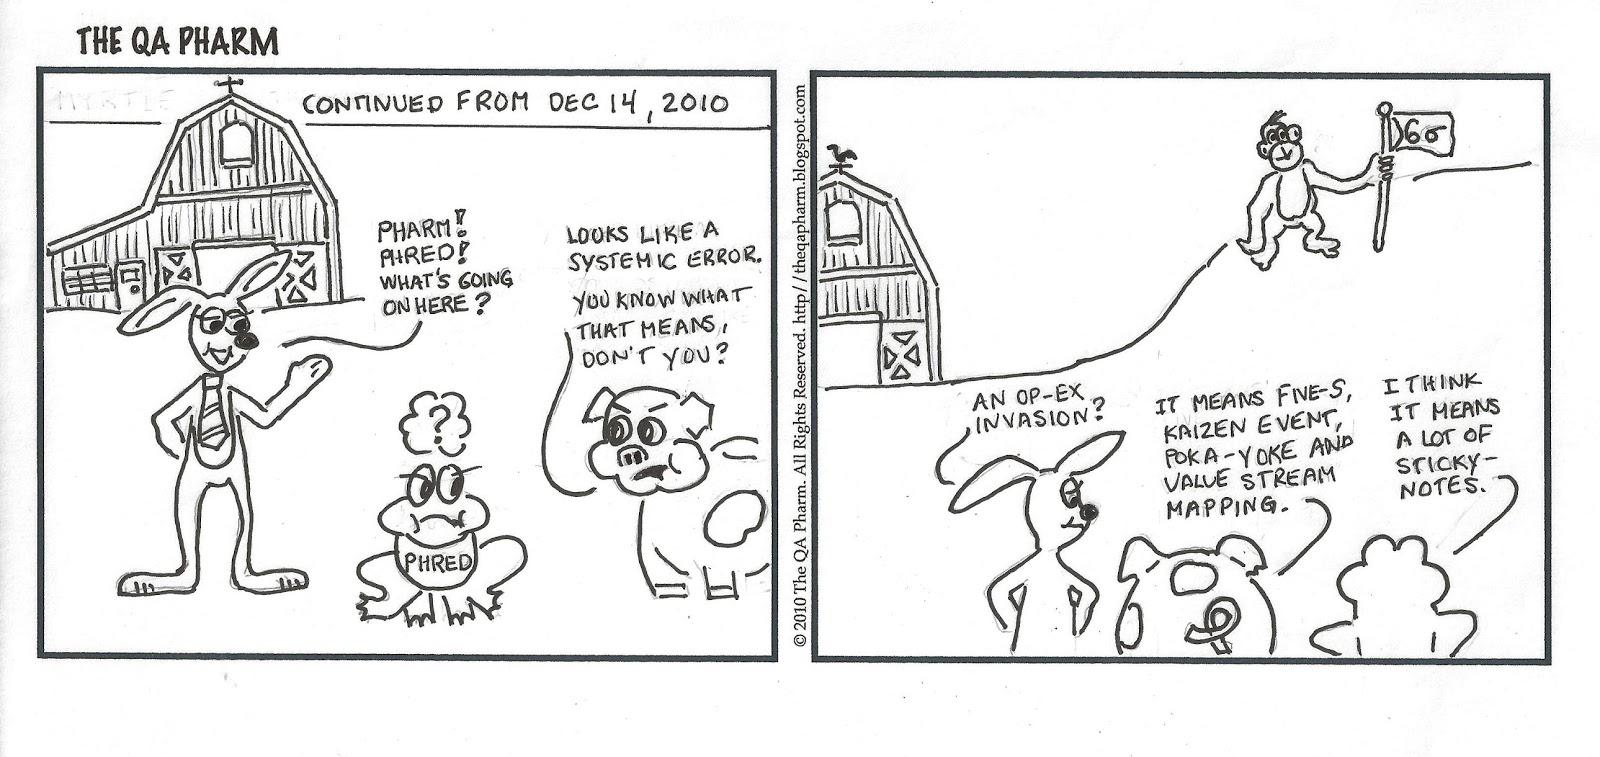 The QA Pharm: Cartoon: The QA Pharm, Myrtle the Change